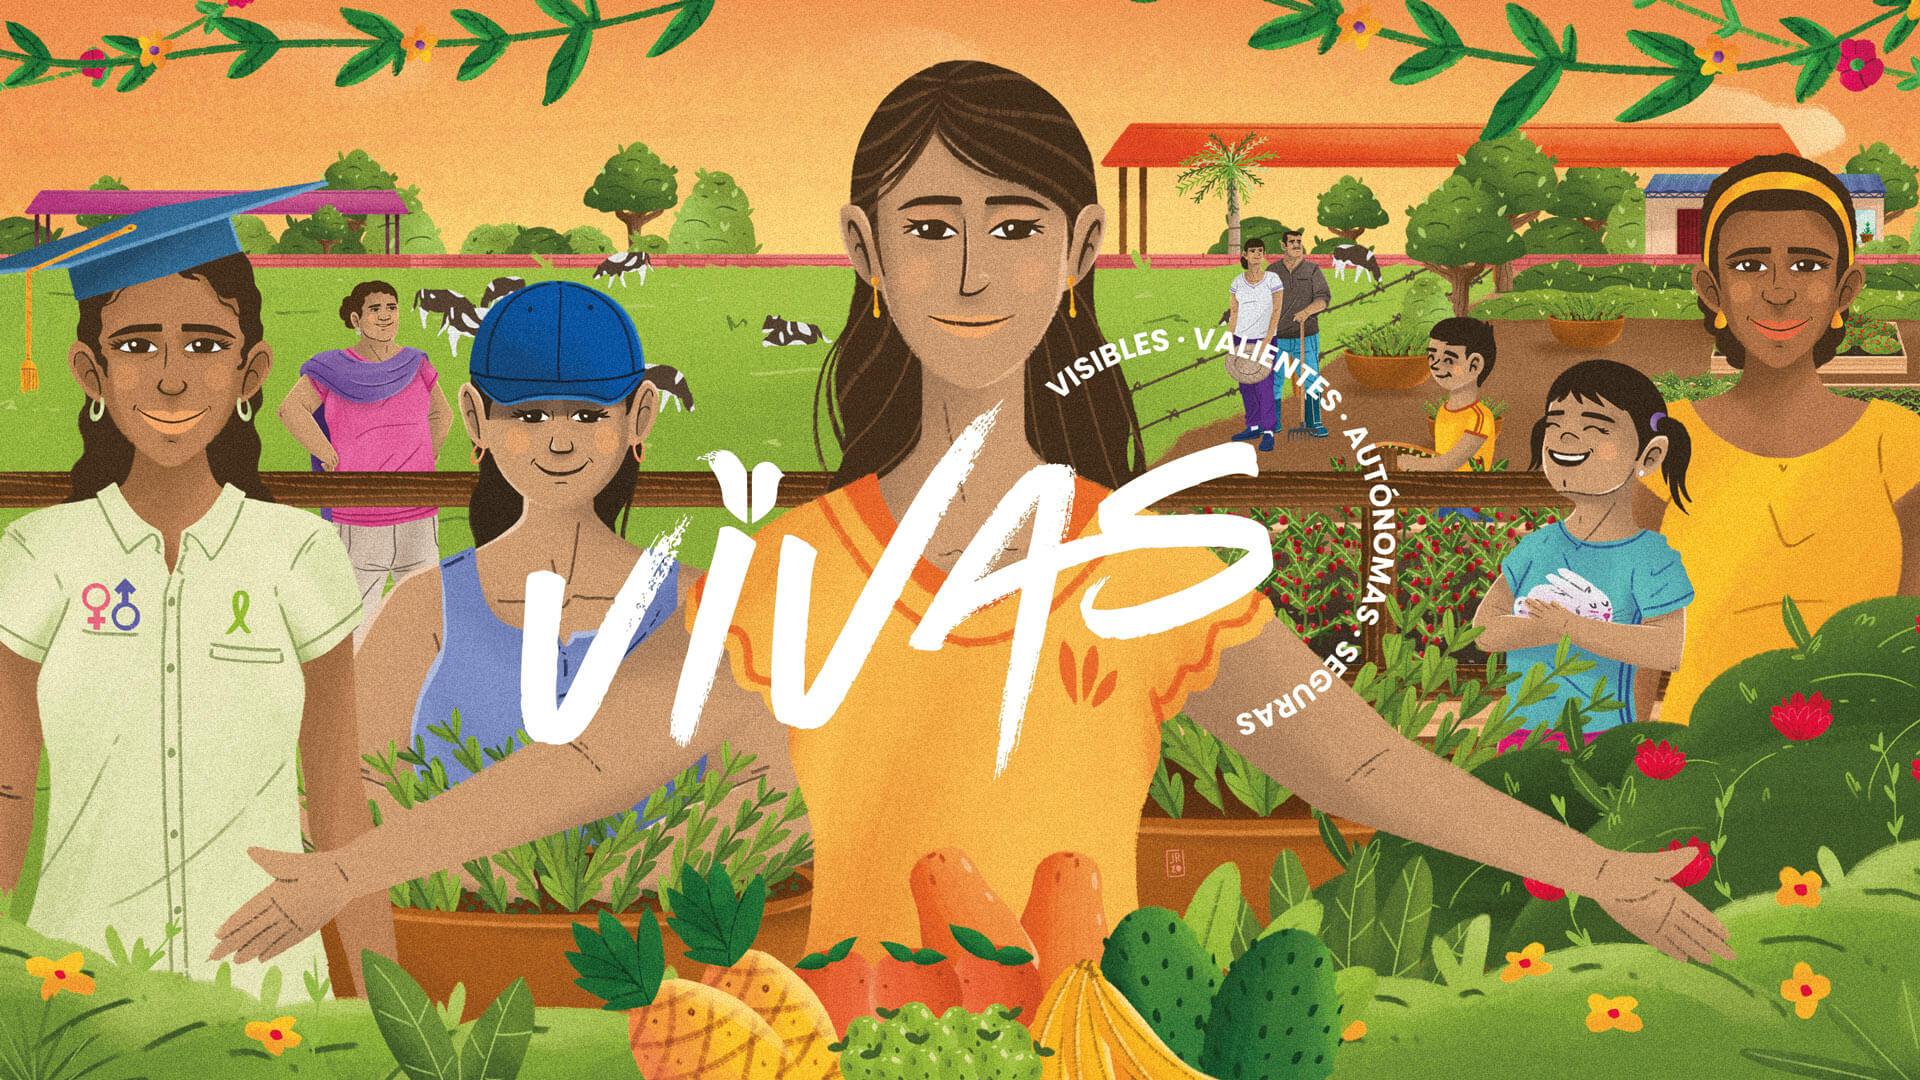 PACIFISTA!, la Embajada de Suecia y la OIM presentan VIVAS: mujeres visibles, valientes, autónomas y seguras